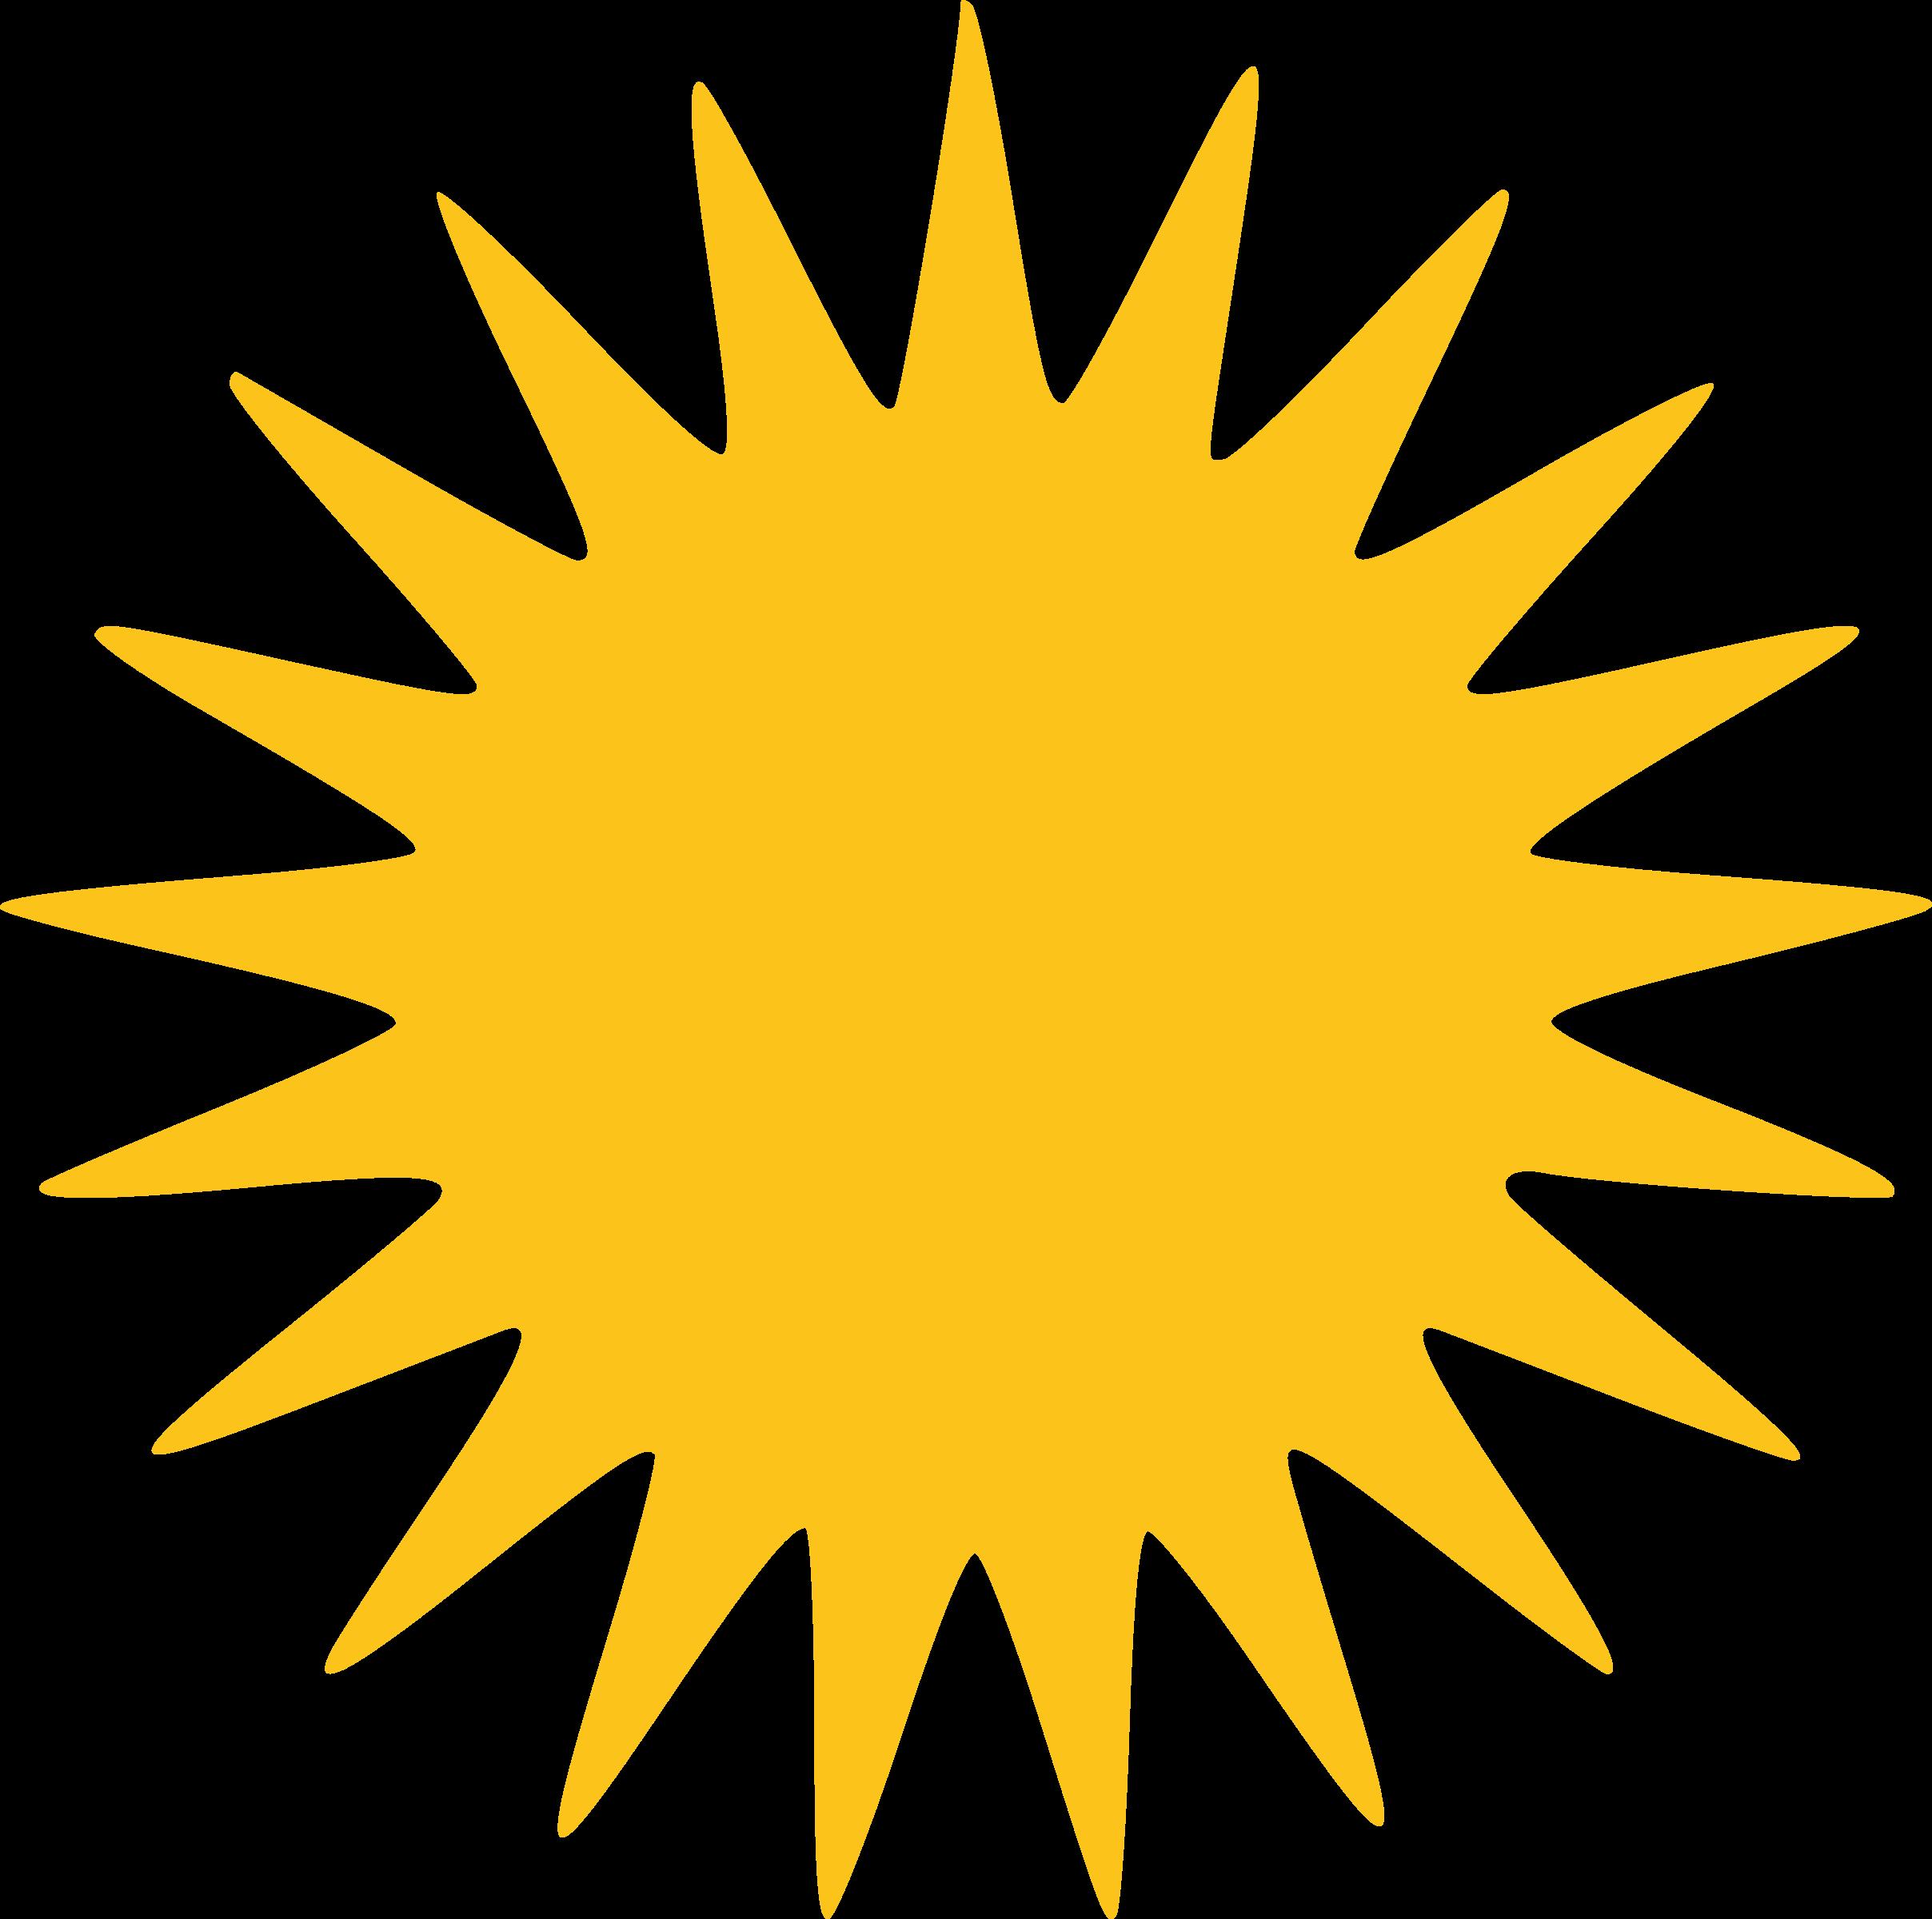 Clipart sun rays